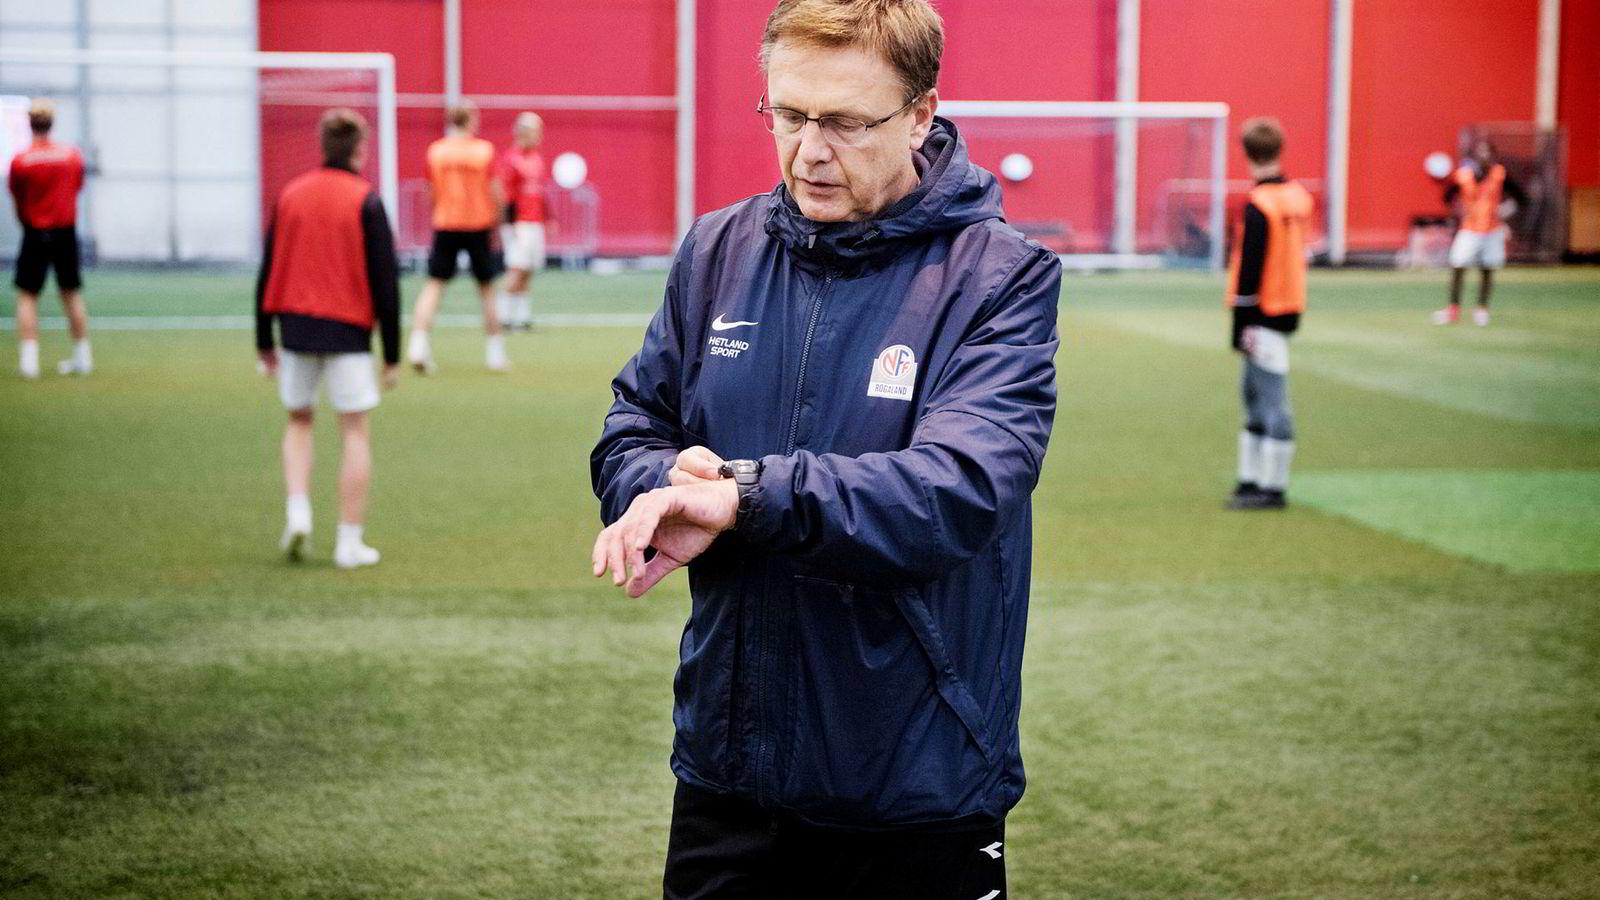 Alf Ingve Berntsen trente tvillingsønnenes fotball-lag fra de var 7–16 år, der flere av spillerne i ettertid har spilt på landslagsnivå eller blitt utenlandsproffer. Her trener han elever fra toppidrettslinjen ved Bryne videregående skole.